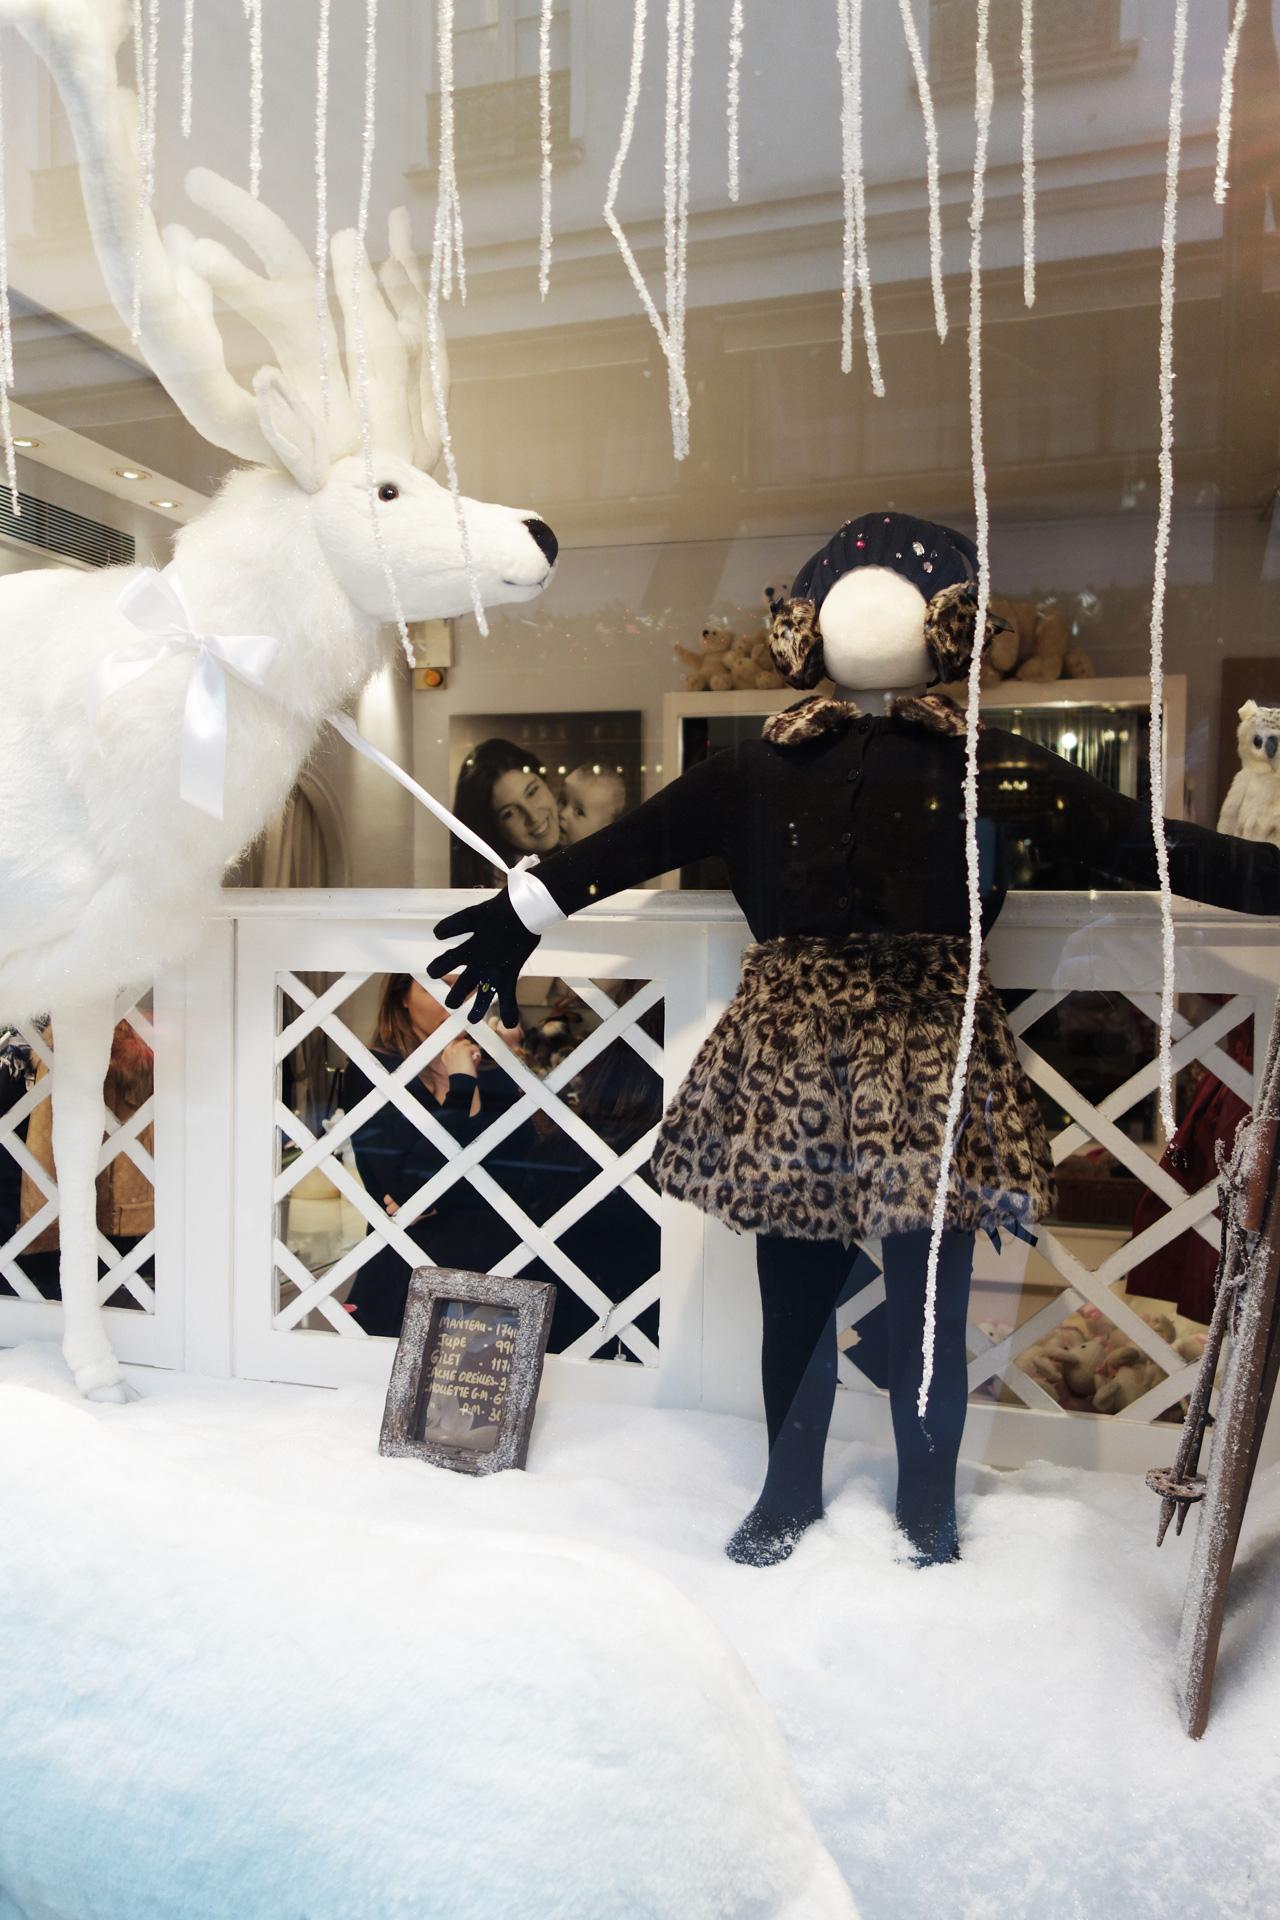 Baby-Tuileries-vitrines-noel-2013-blanche-cerf-girl